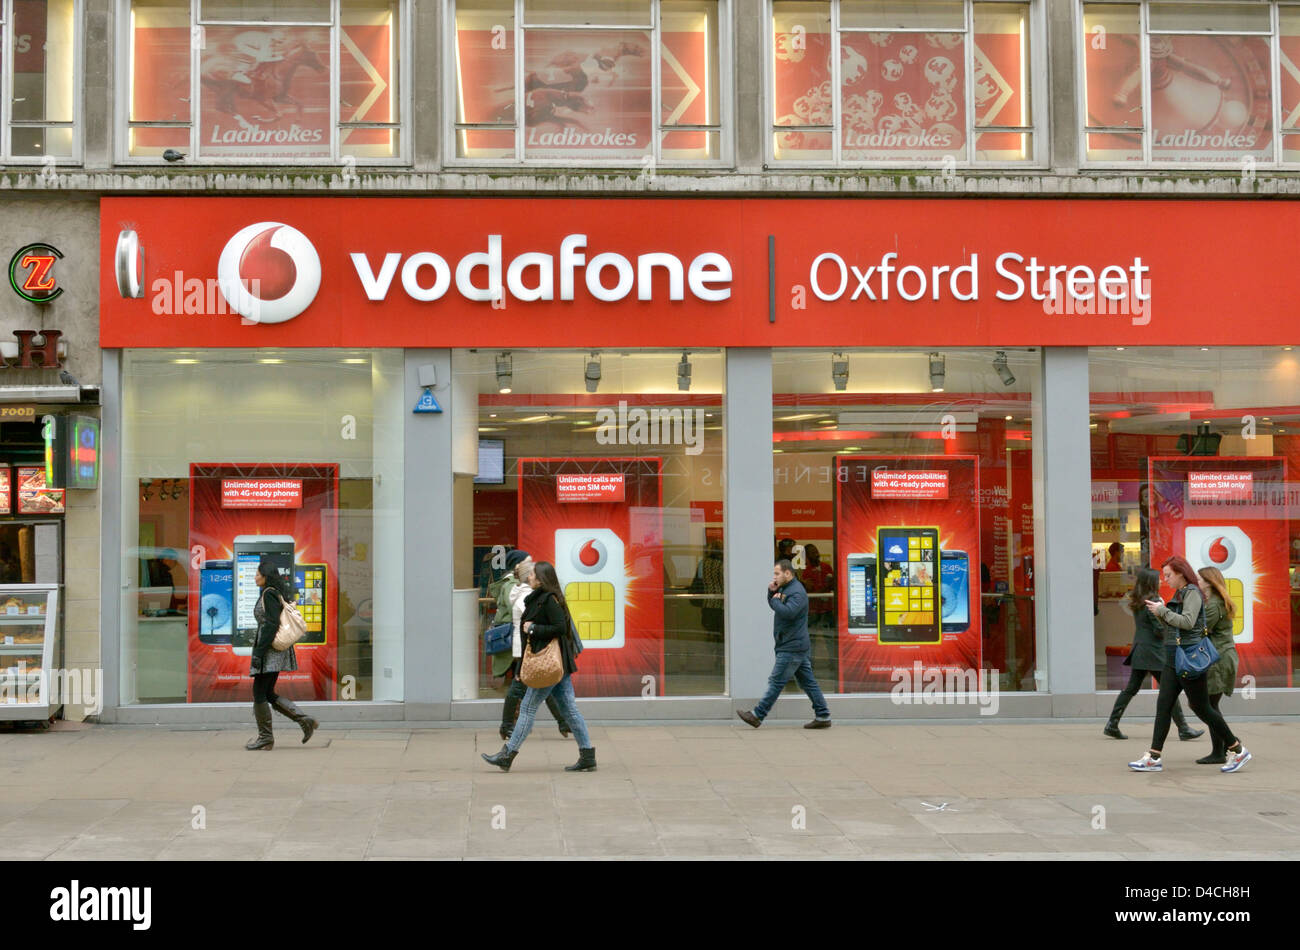 vodafone-mobile-phone-shop-in-oxford-str